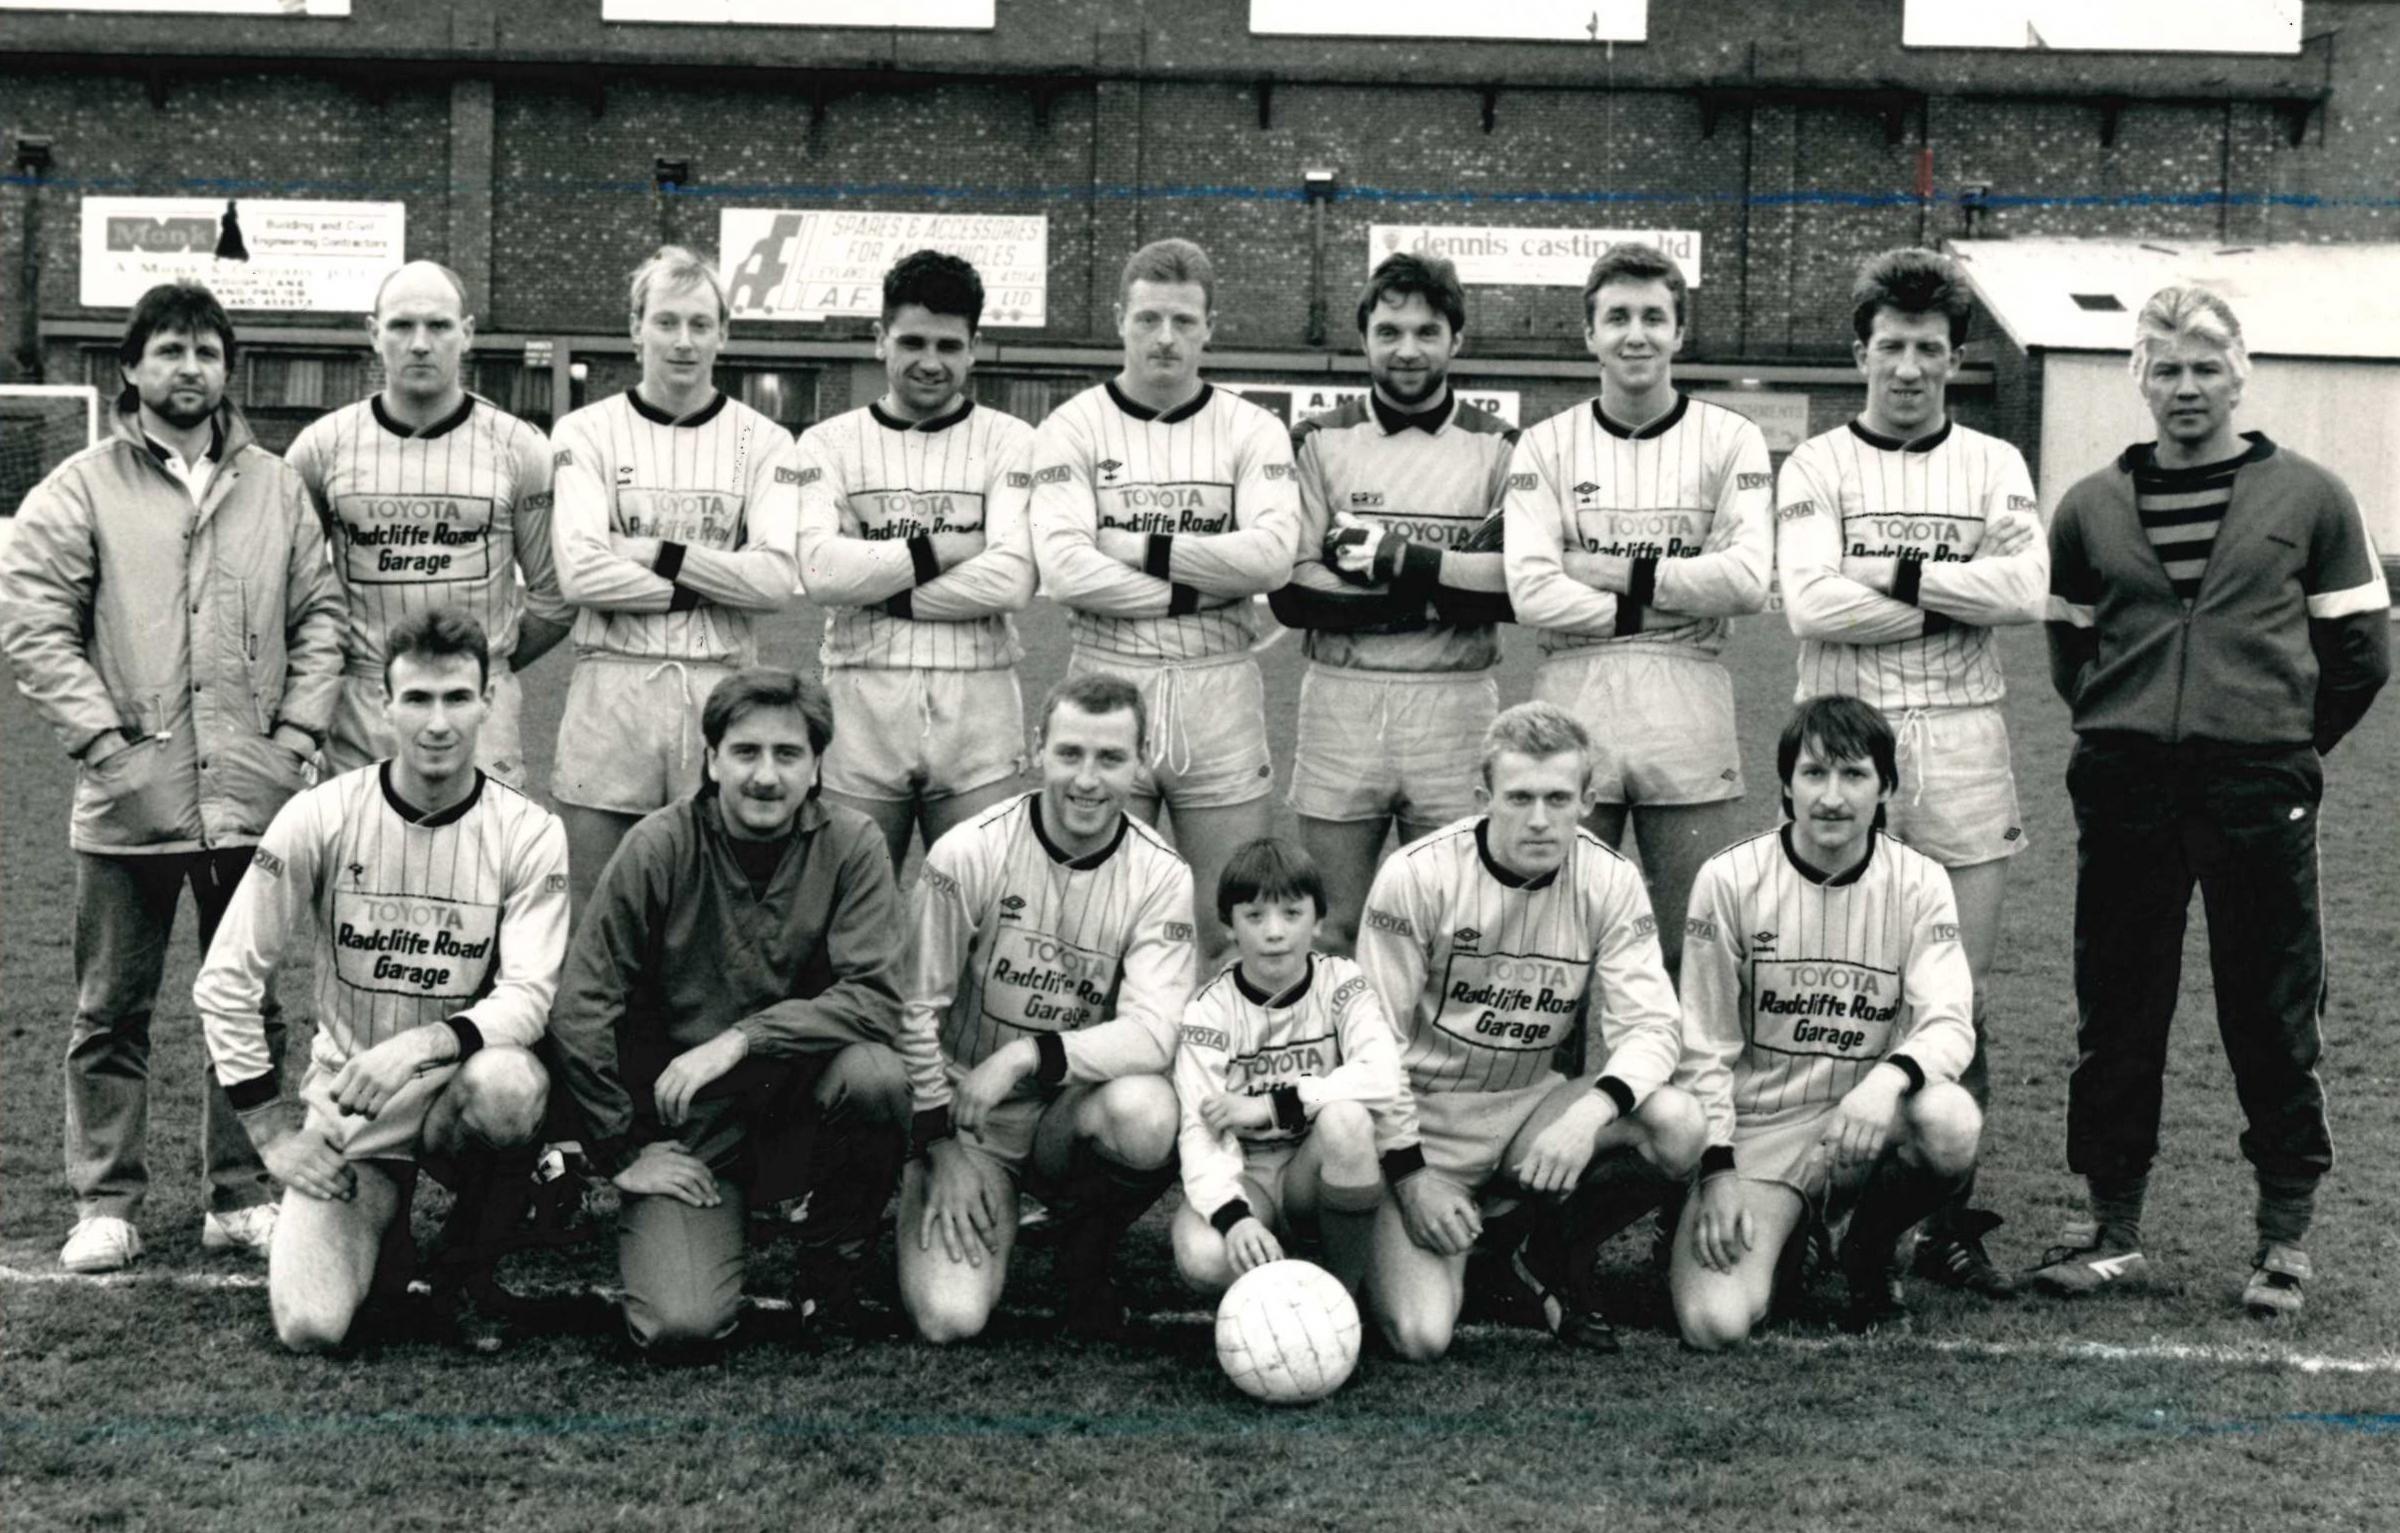 Turton Football Club meminta arsip gambar menjelang ulang tahun ke-150